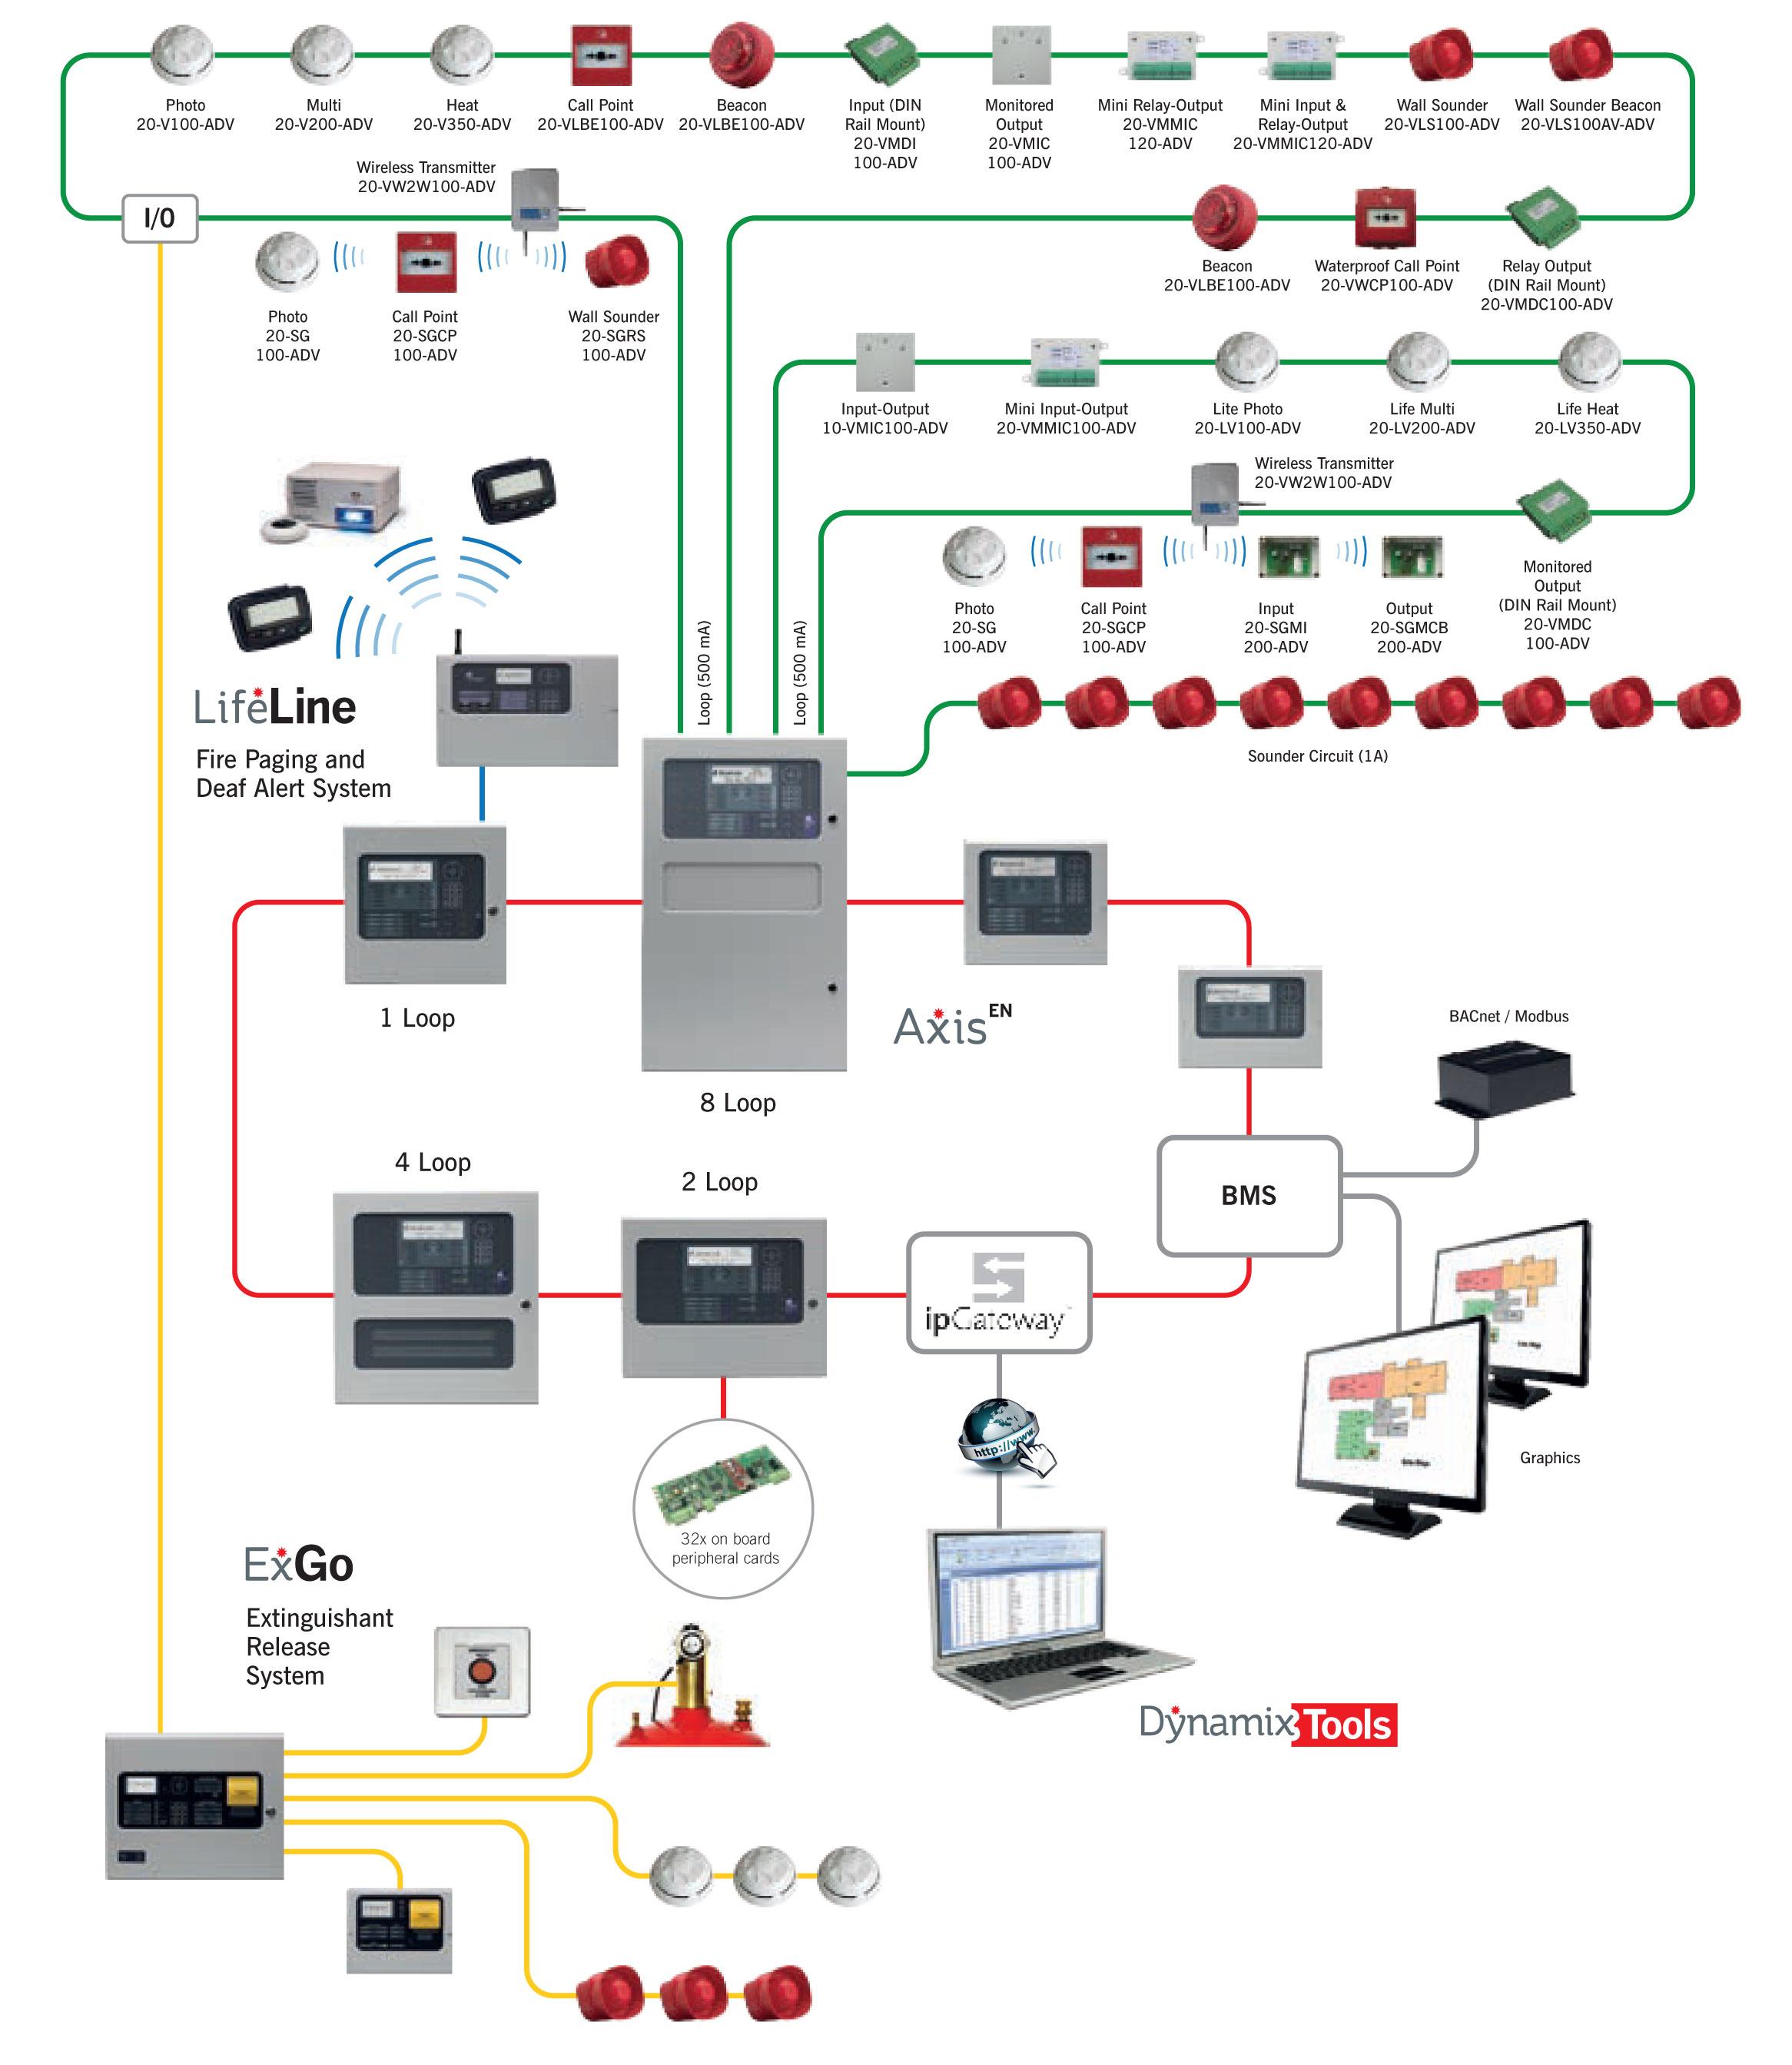 [SCHEMATICS_48EU]  Simplex Smoke Detector Wiring Diagrams - Mini Cooper Bc1 Wiring Diagram for Wiring  Diagram Schematics   House Fire Alarm Wire Diagrams      Wiring Diagram Schematics